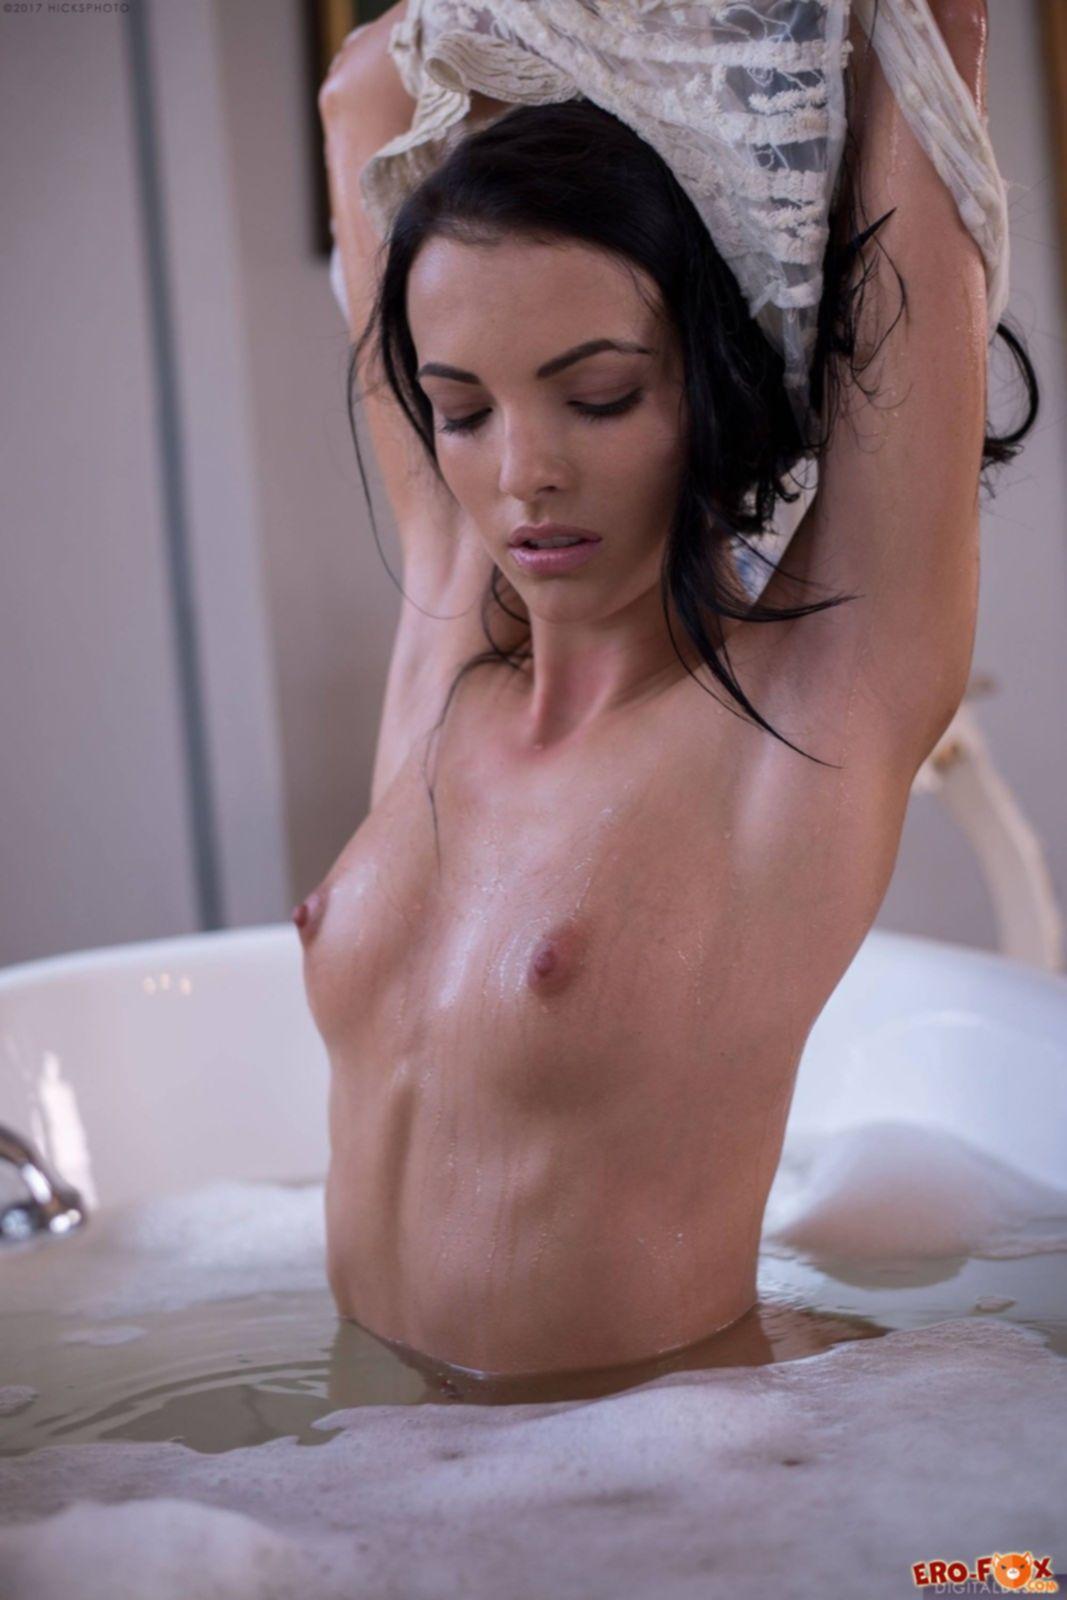 Красивая брюнетка с плоской грудью принимает ванну - фото